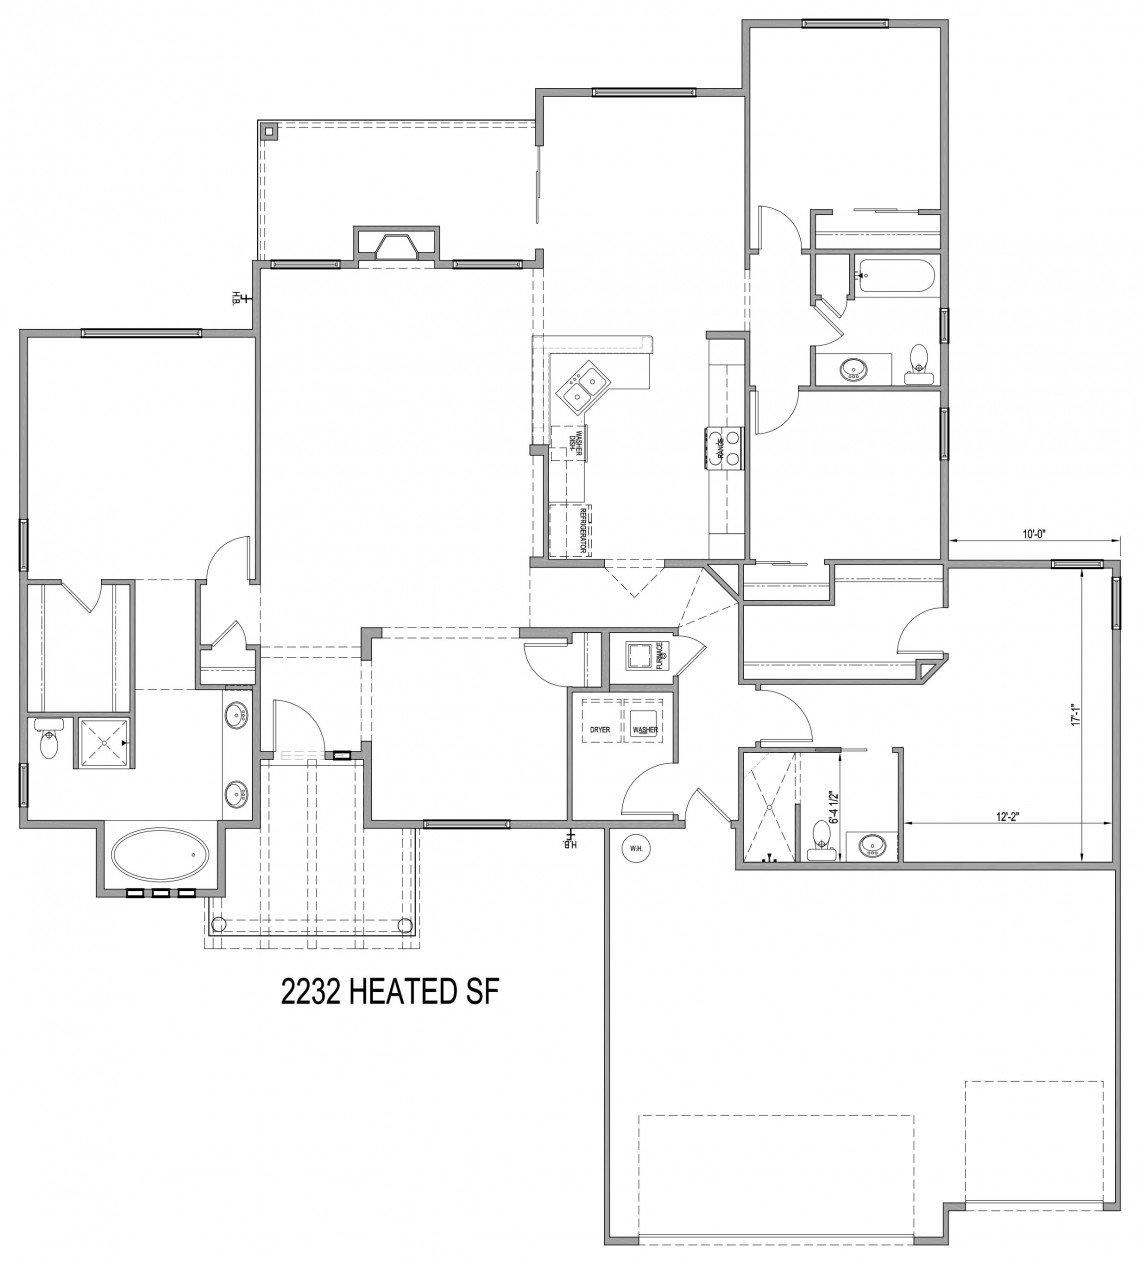 Sunflower Floorplan - 2,232 sq ft